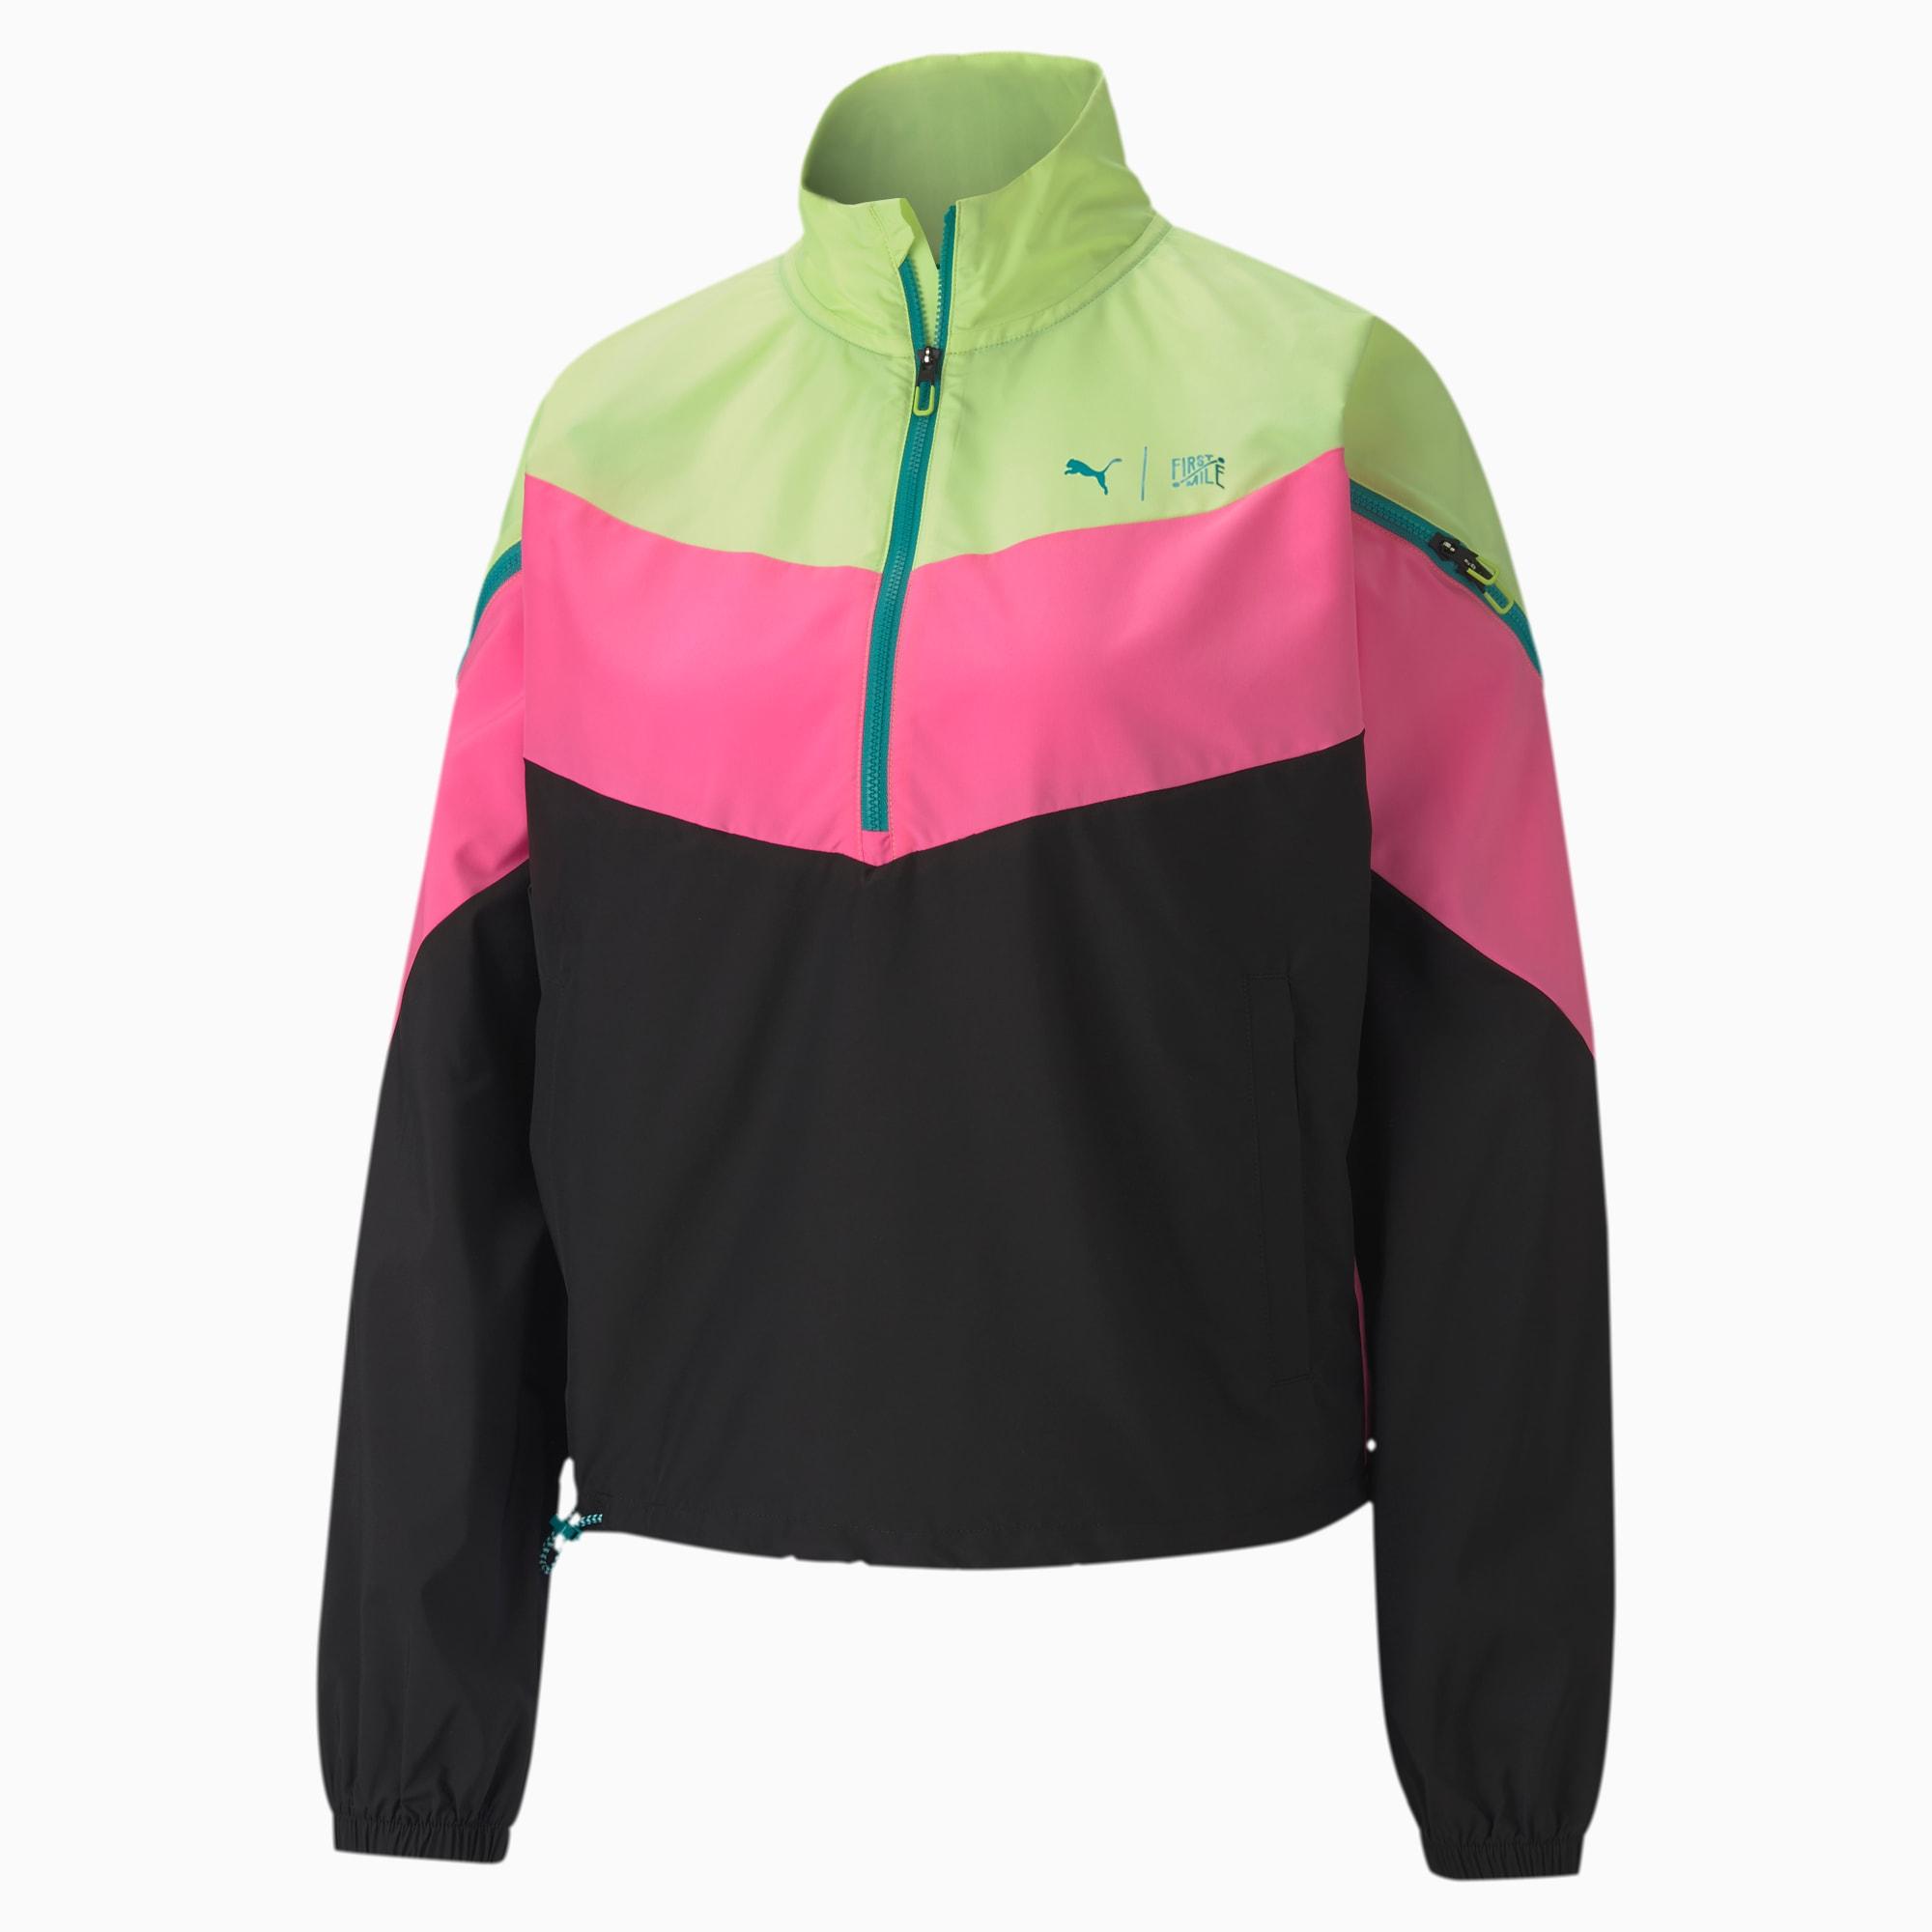 puma -  x FIRST MILE Xtreme Damen Trainingsjacke | Mit Aucun | Rosa/Schwarz/Gelb | Größe: XL